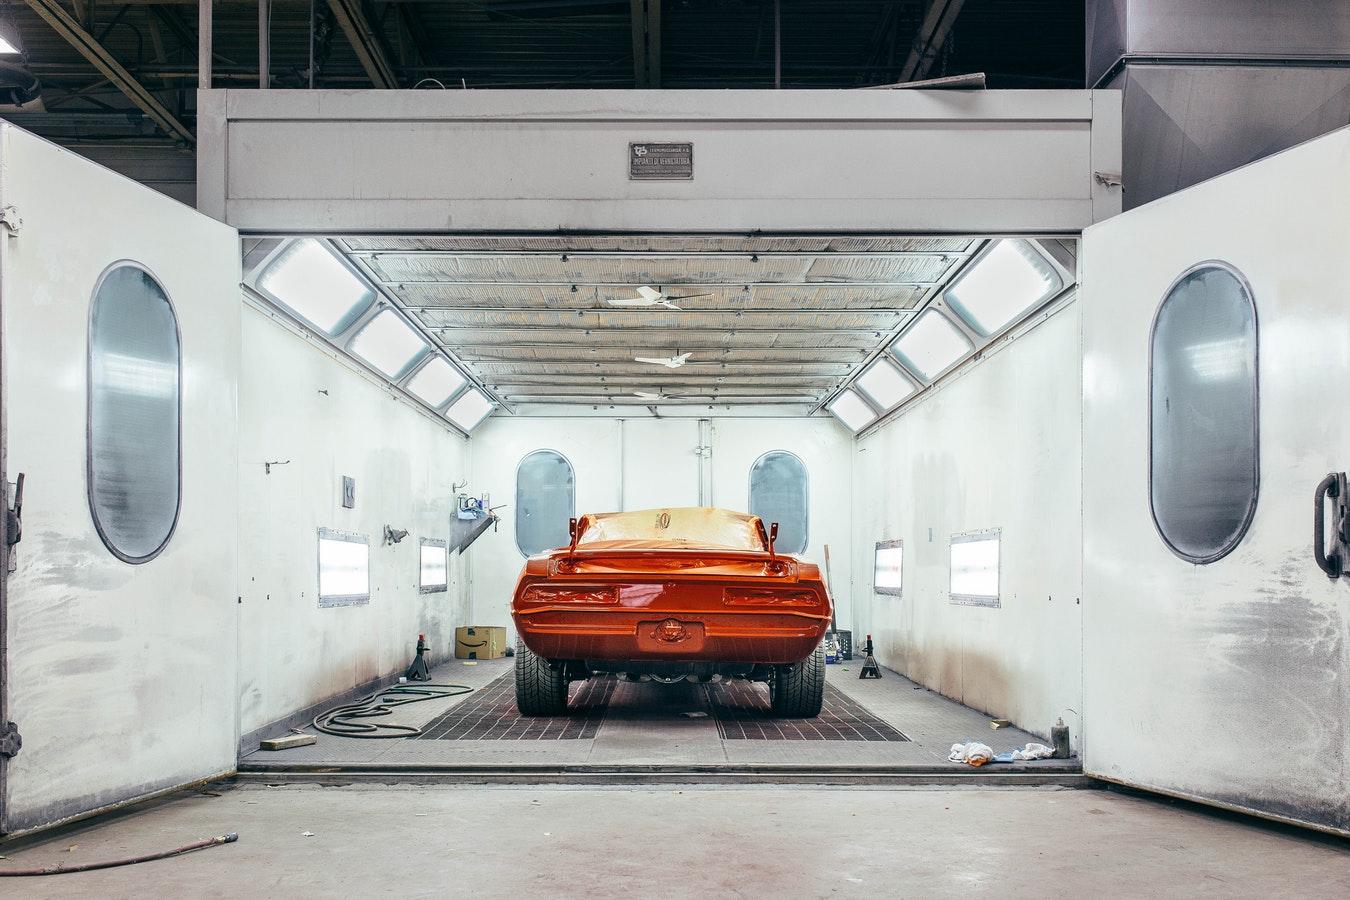 Création de peintures personnalisées adaptées à votre voiture